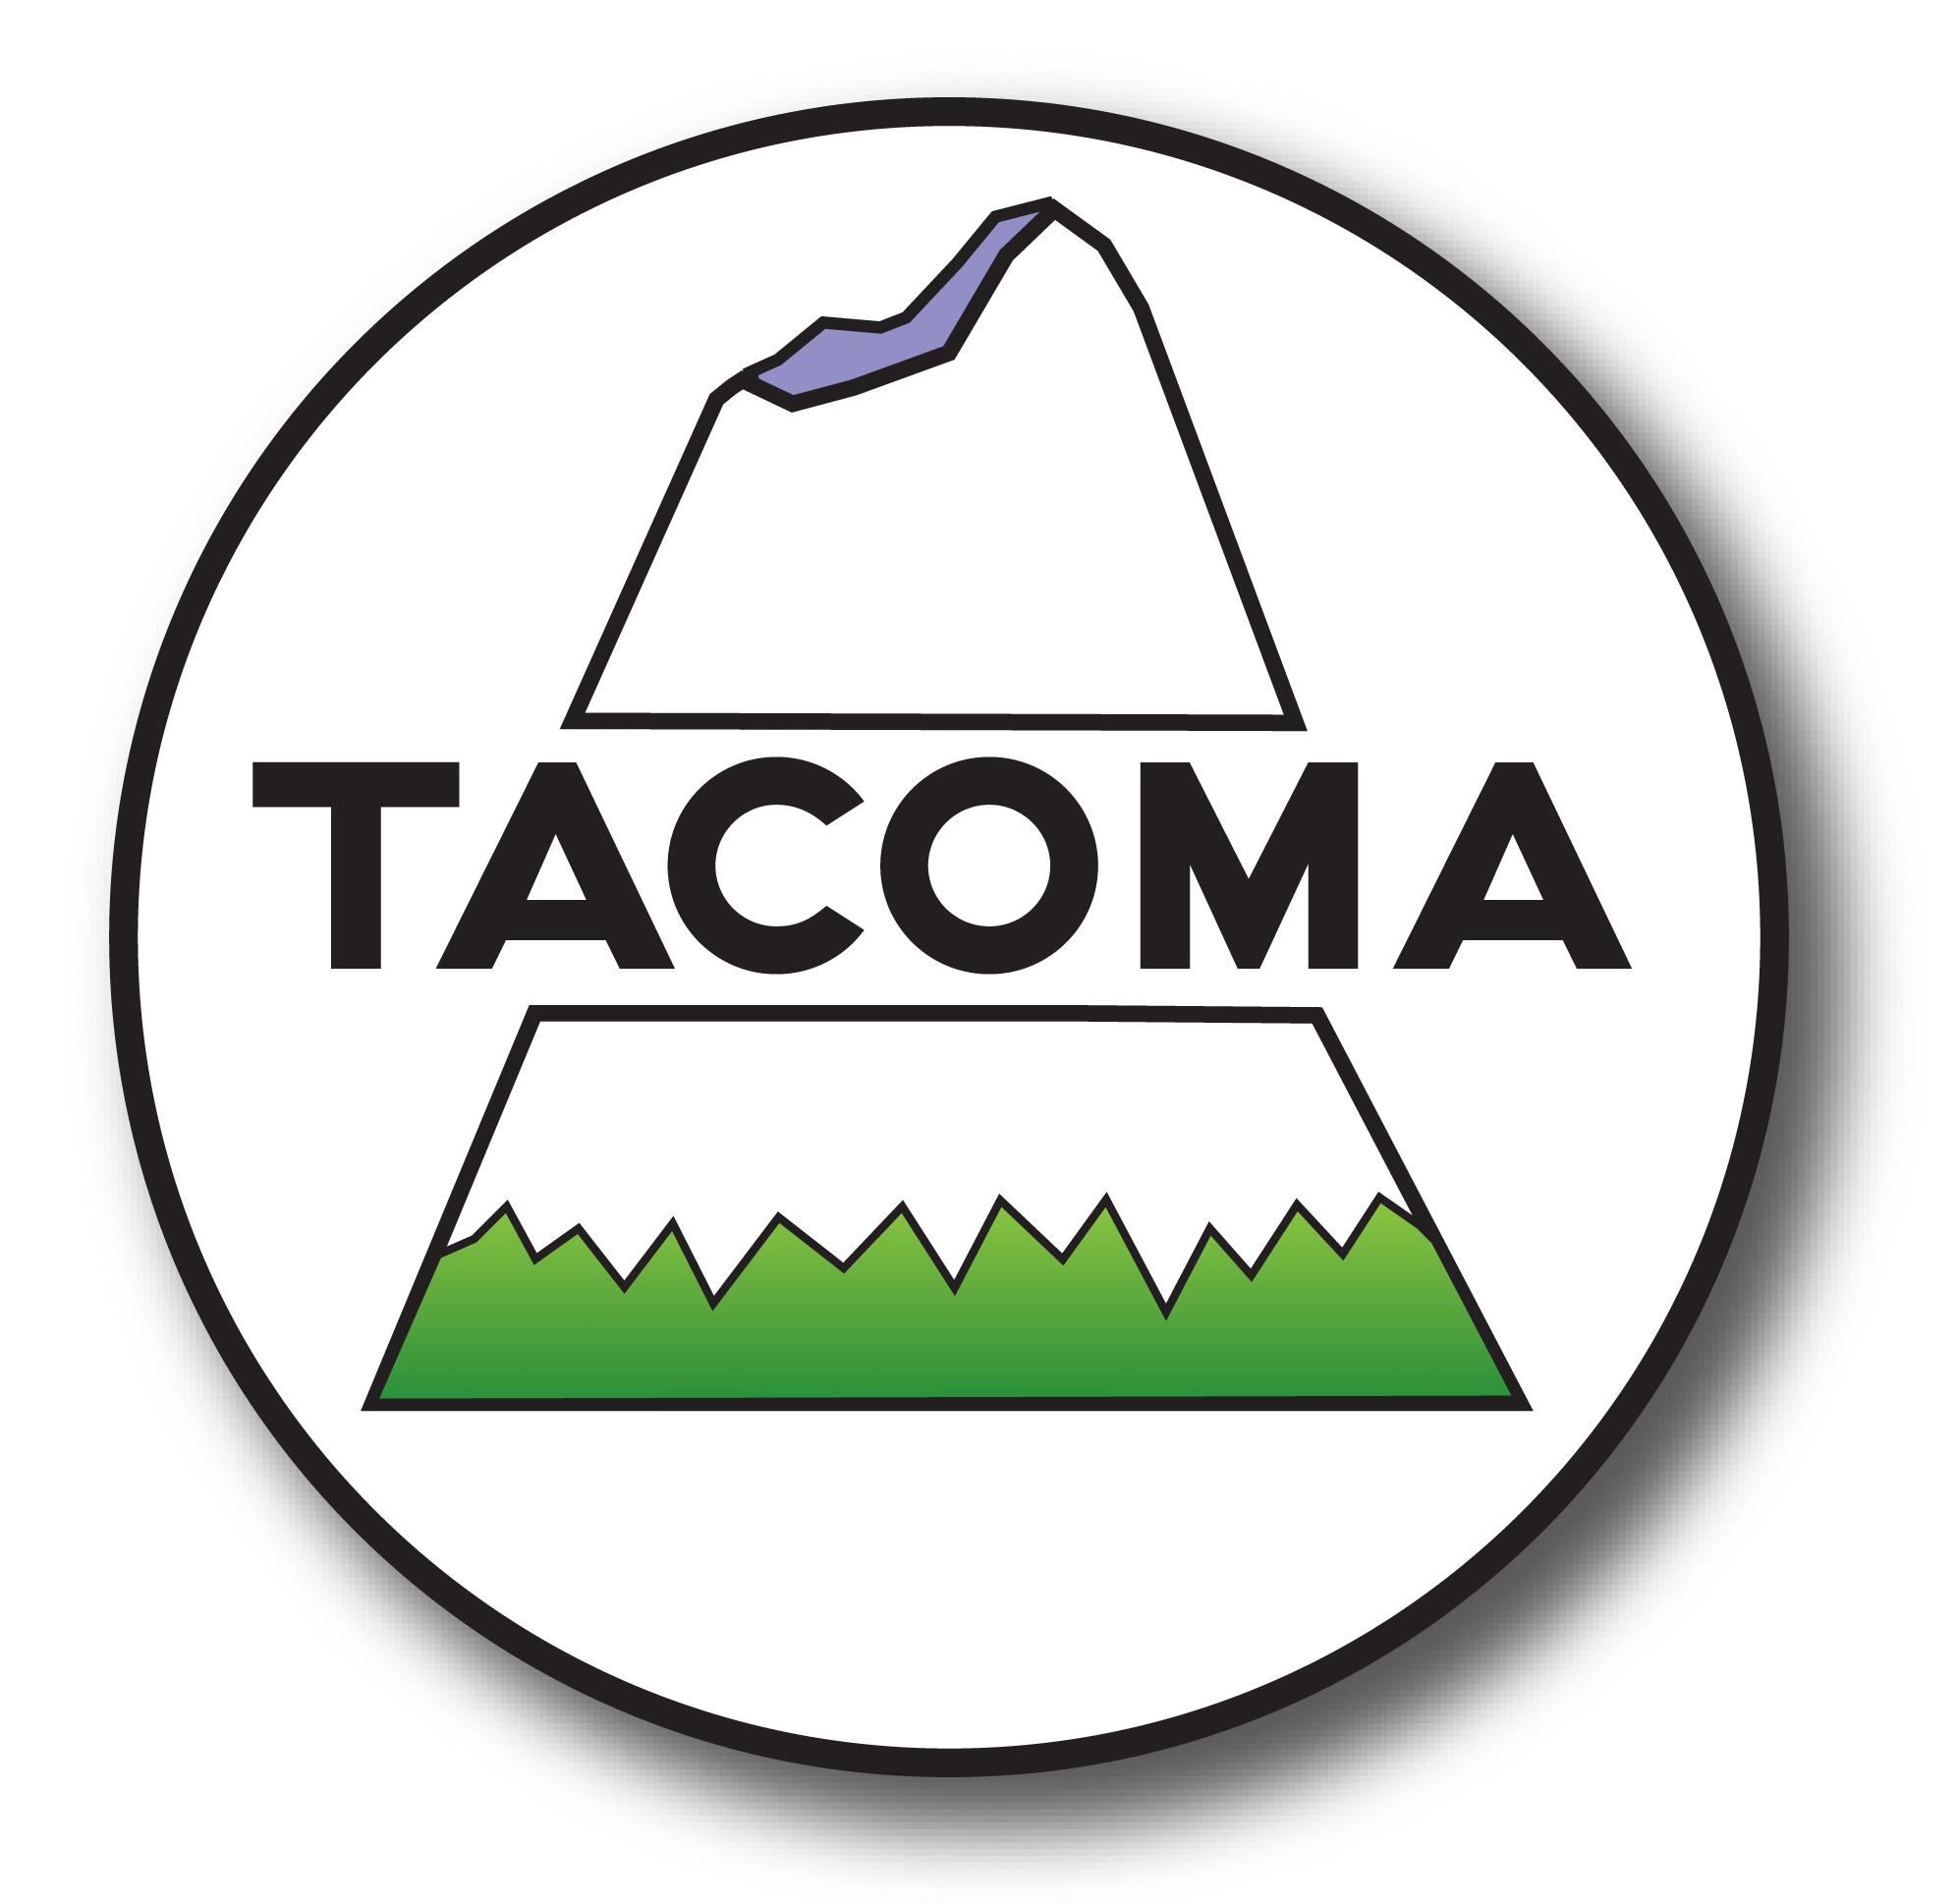 tacoma1.jpg